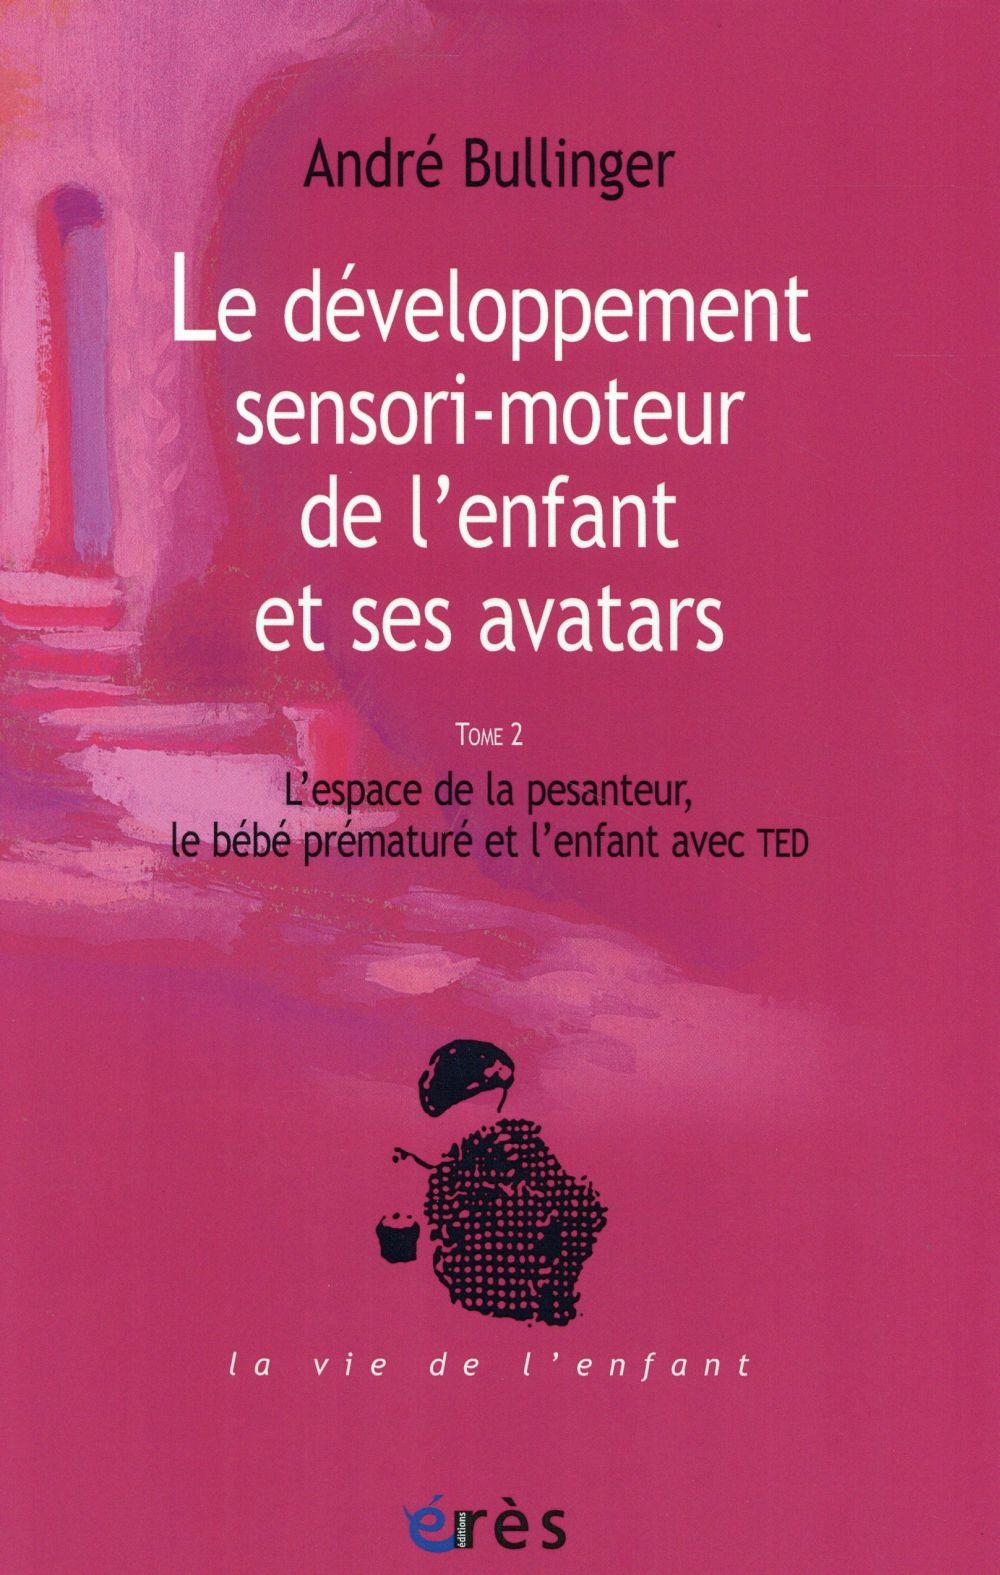 LE DEVELOPPEMENT SENSORI-MOTEUR DE L'ENFANT ET SES AVATARS - T2